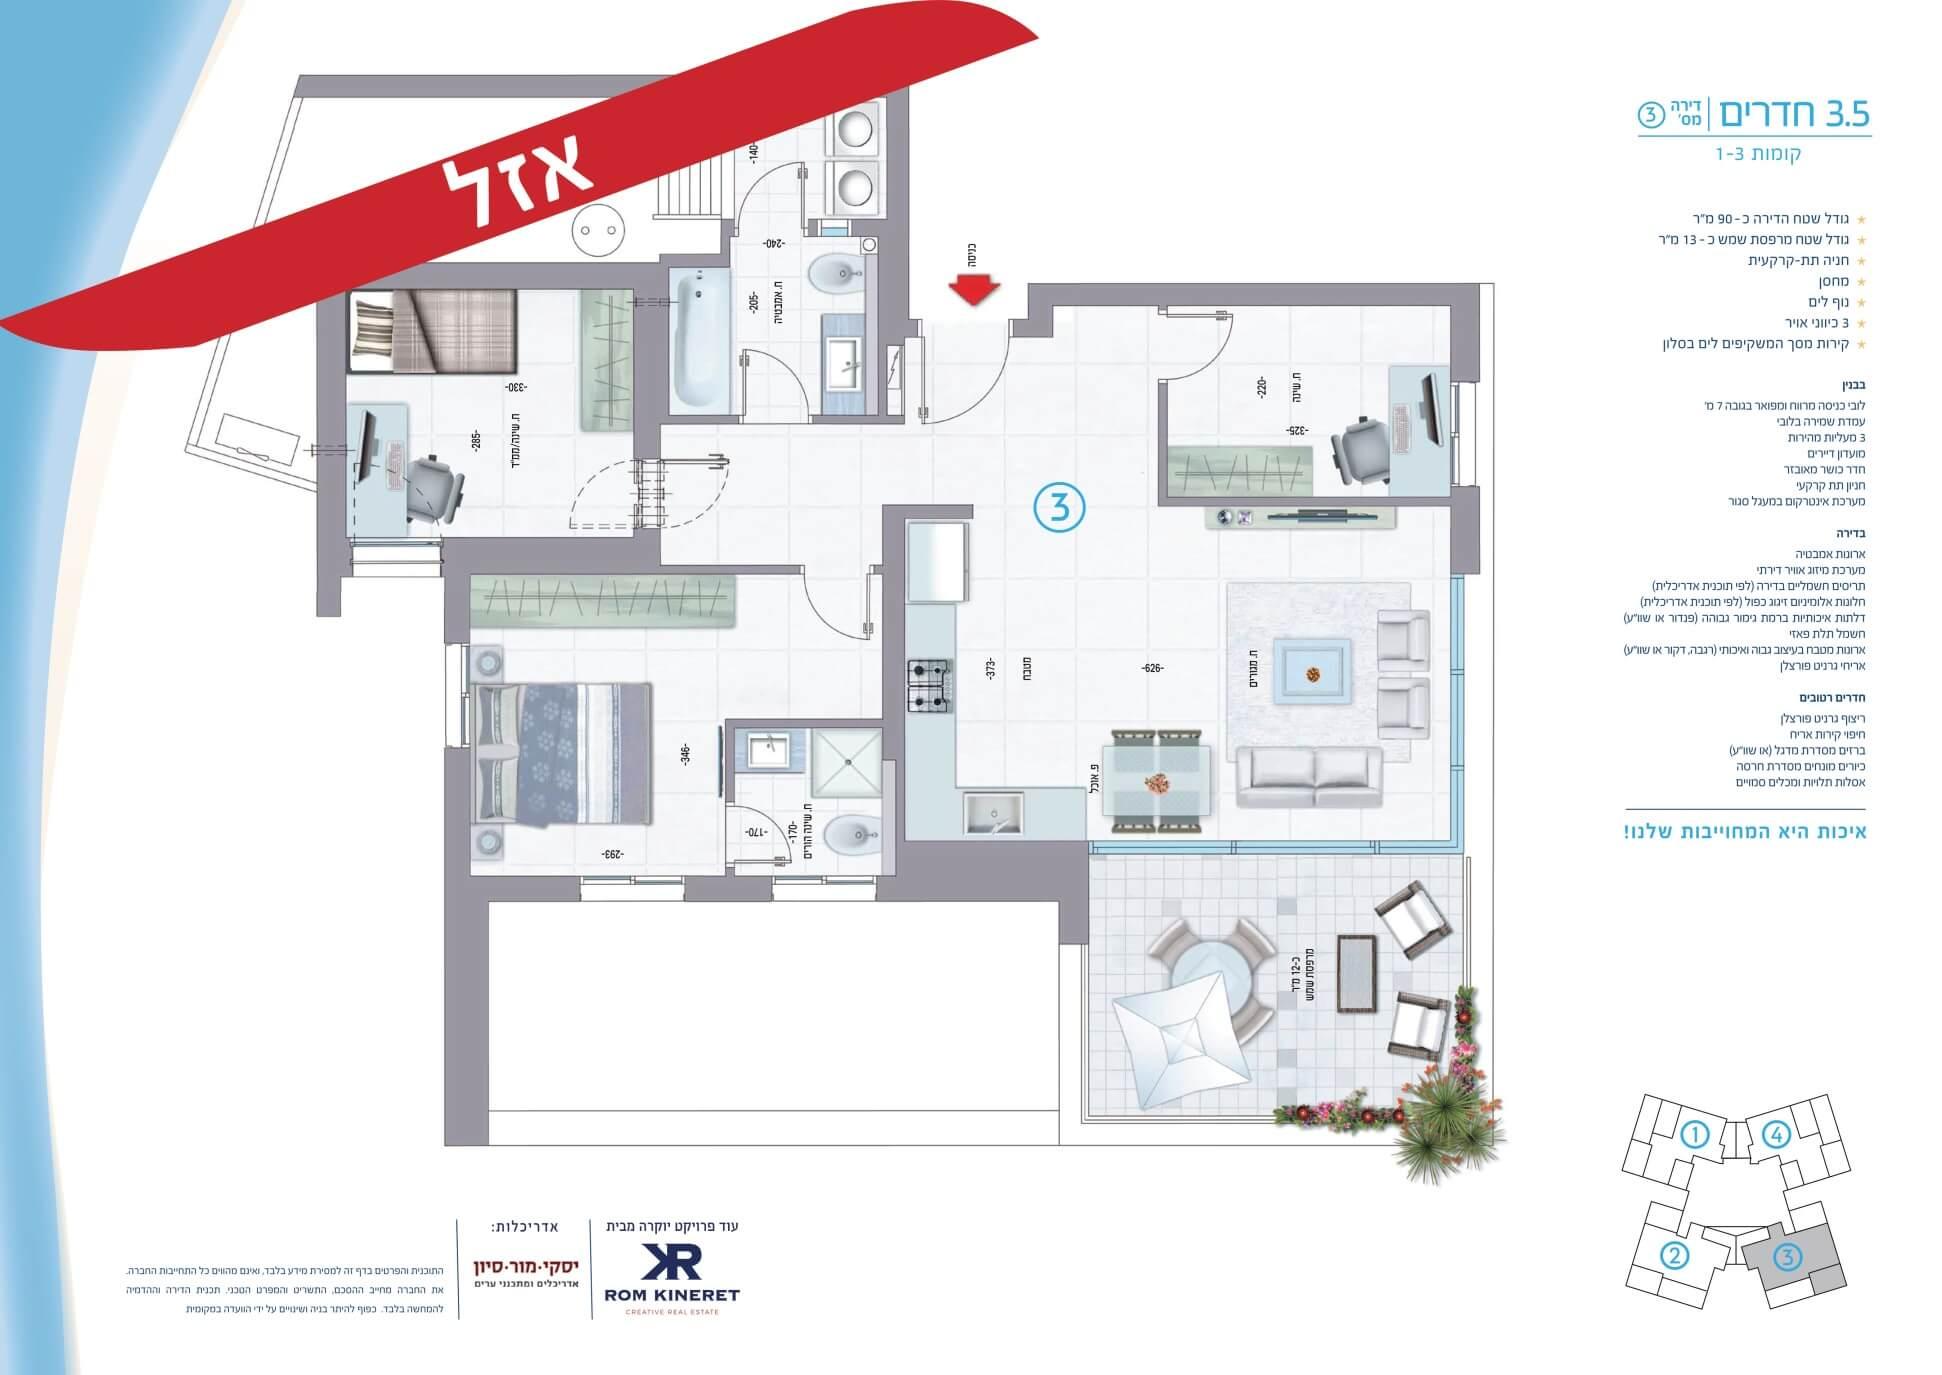 SEA TOWER 1+2 דירת 3.5 חדרים דגם 3 - כל הדירות נמכרו